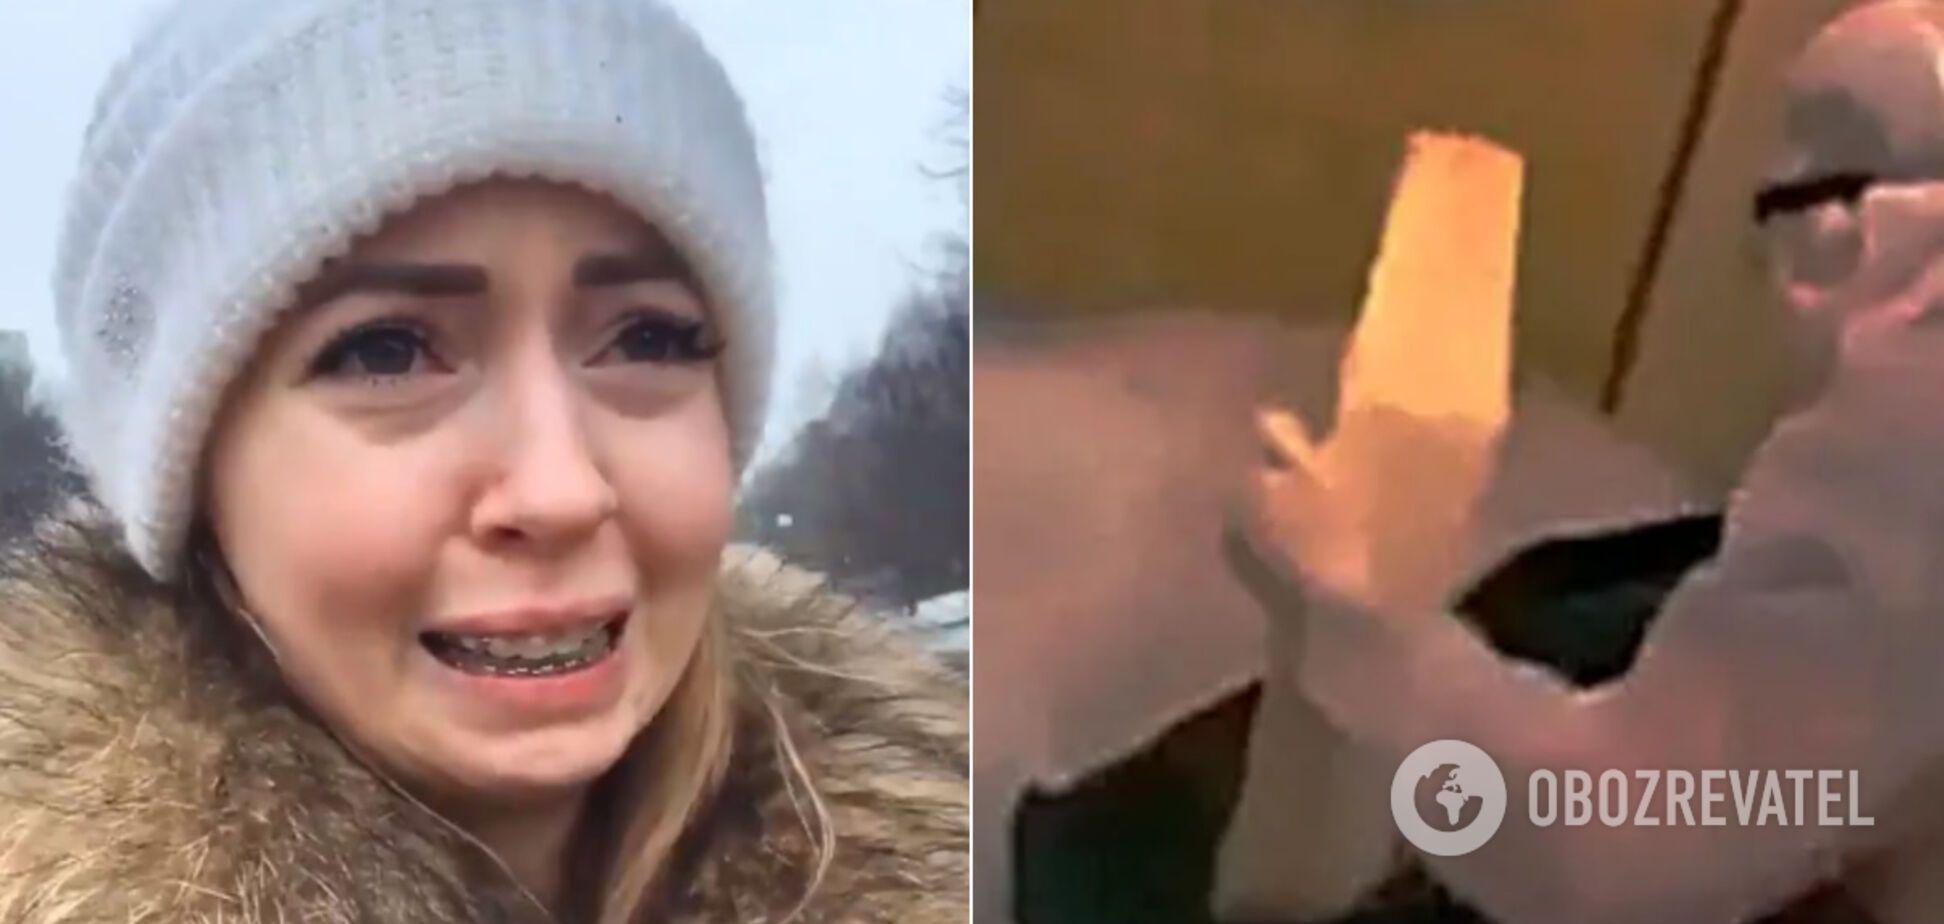 Скандальная блогерша Диденко отличилась слезливым видео: в сети не оценили